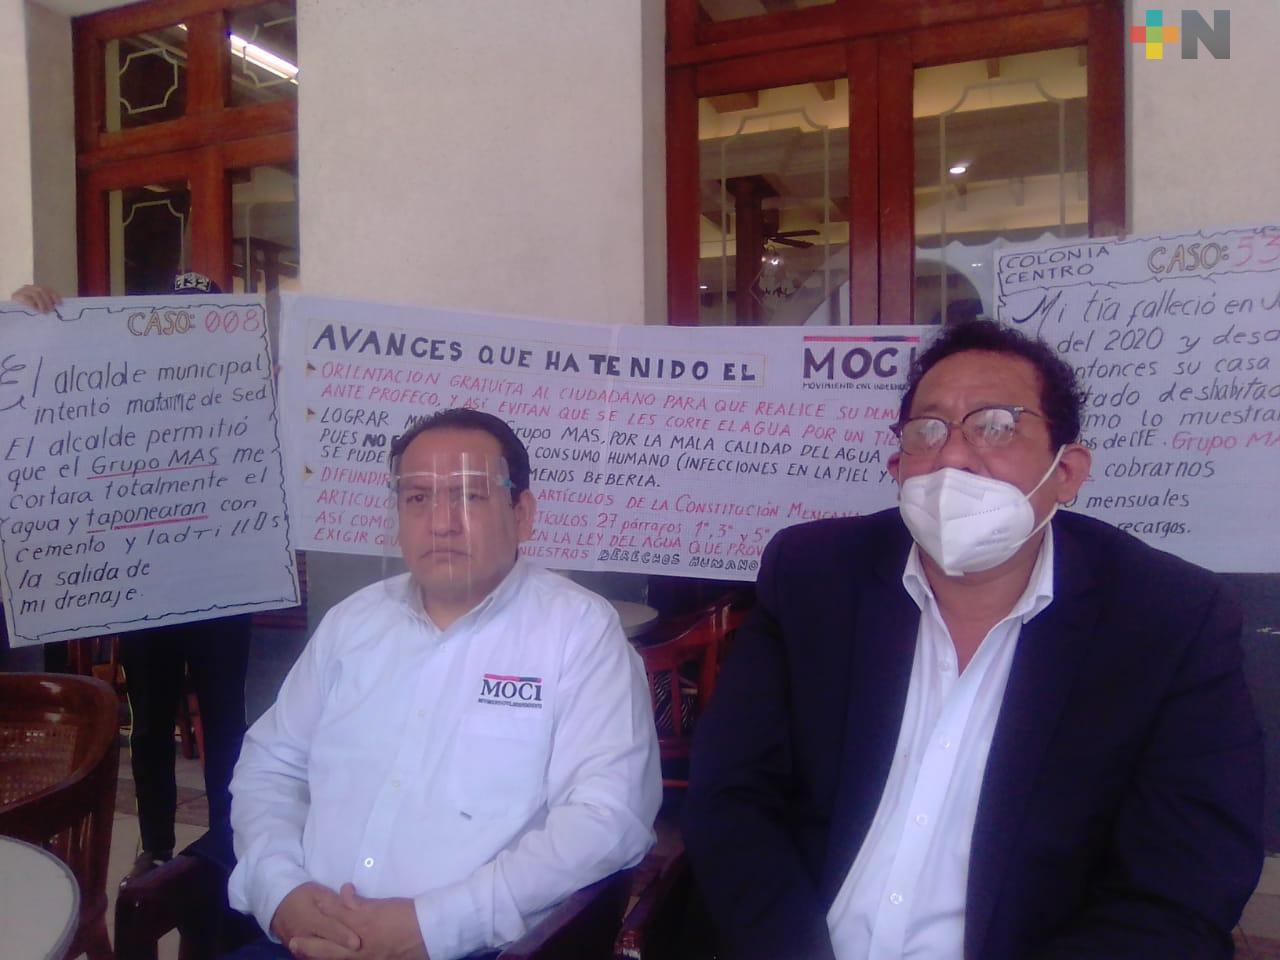 Marcharán en contra del Grupo MAS en la ciudad de Veracruz